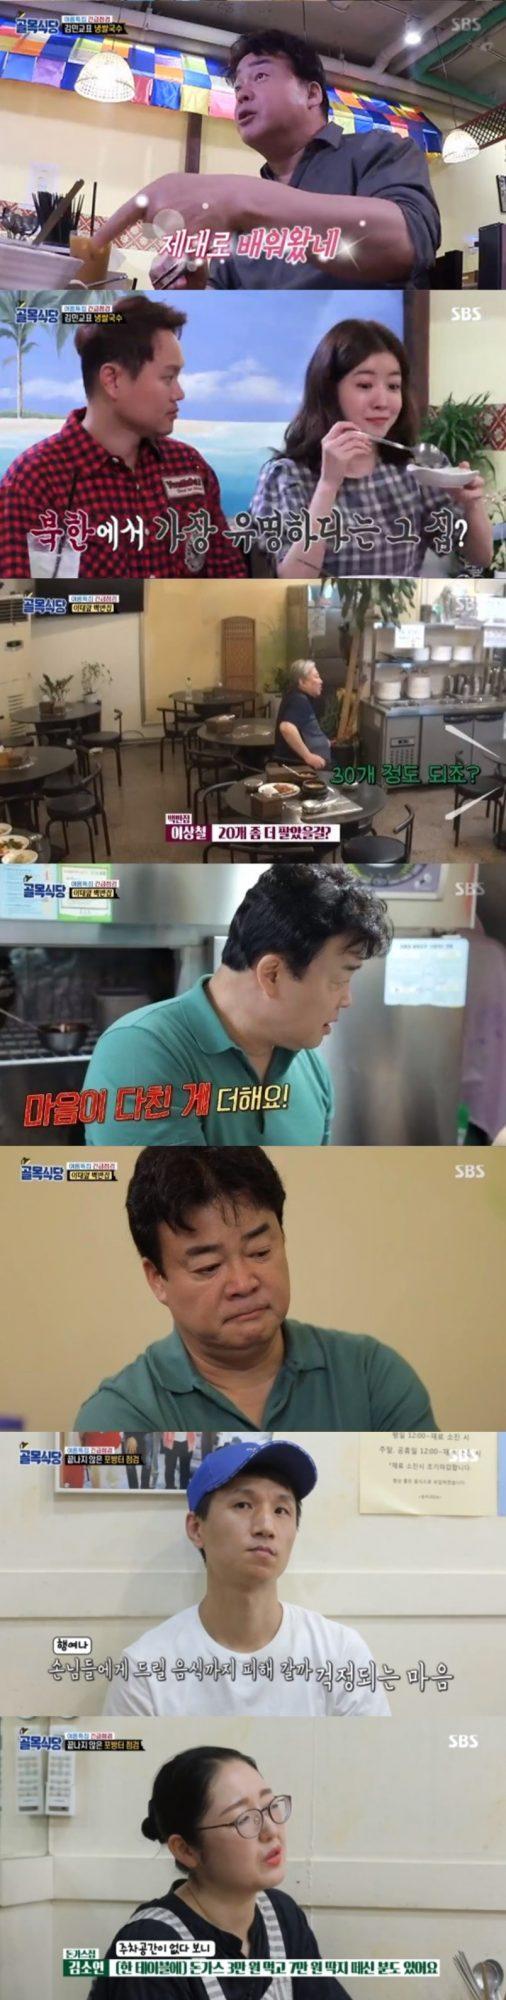 '골목식당' 여름특집 마지막 편. /사진제공=SBS